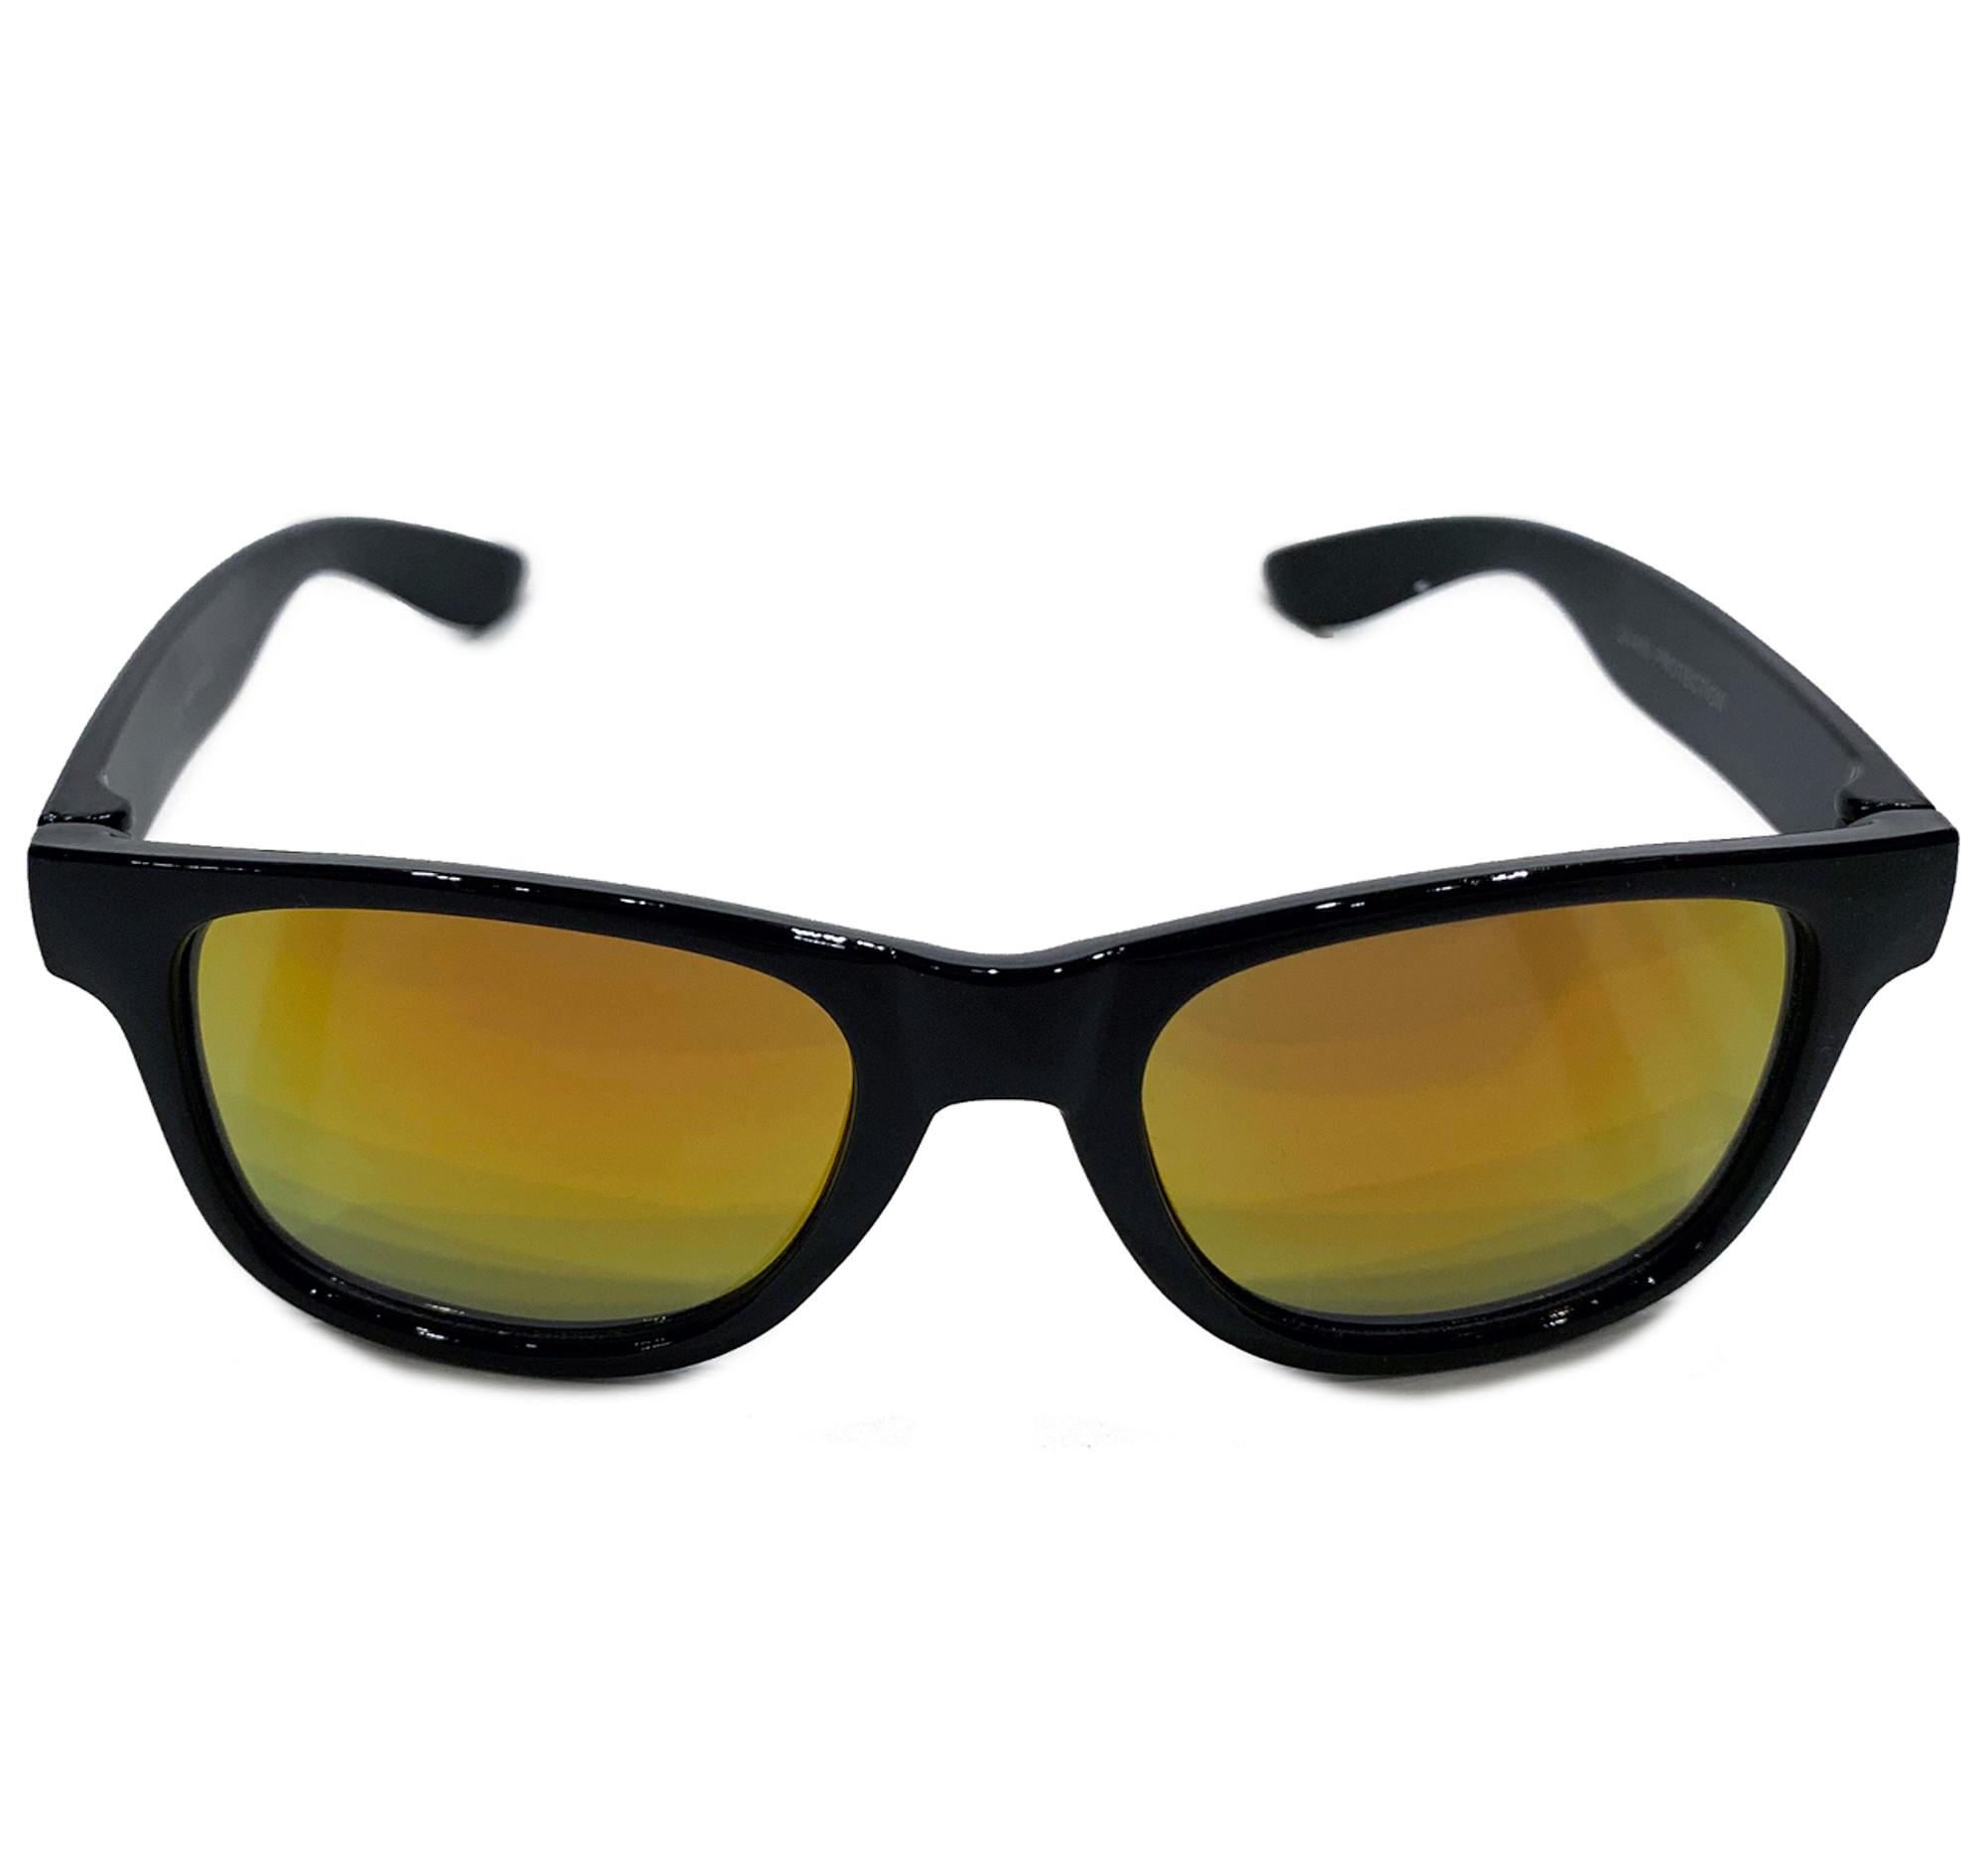 e87ddebc45 ... FKC Kids Sunglasses